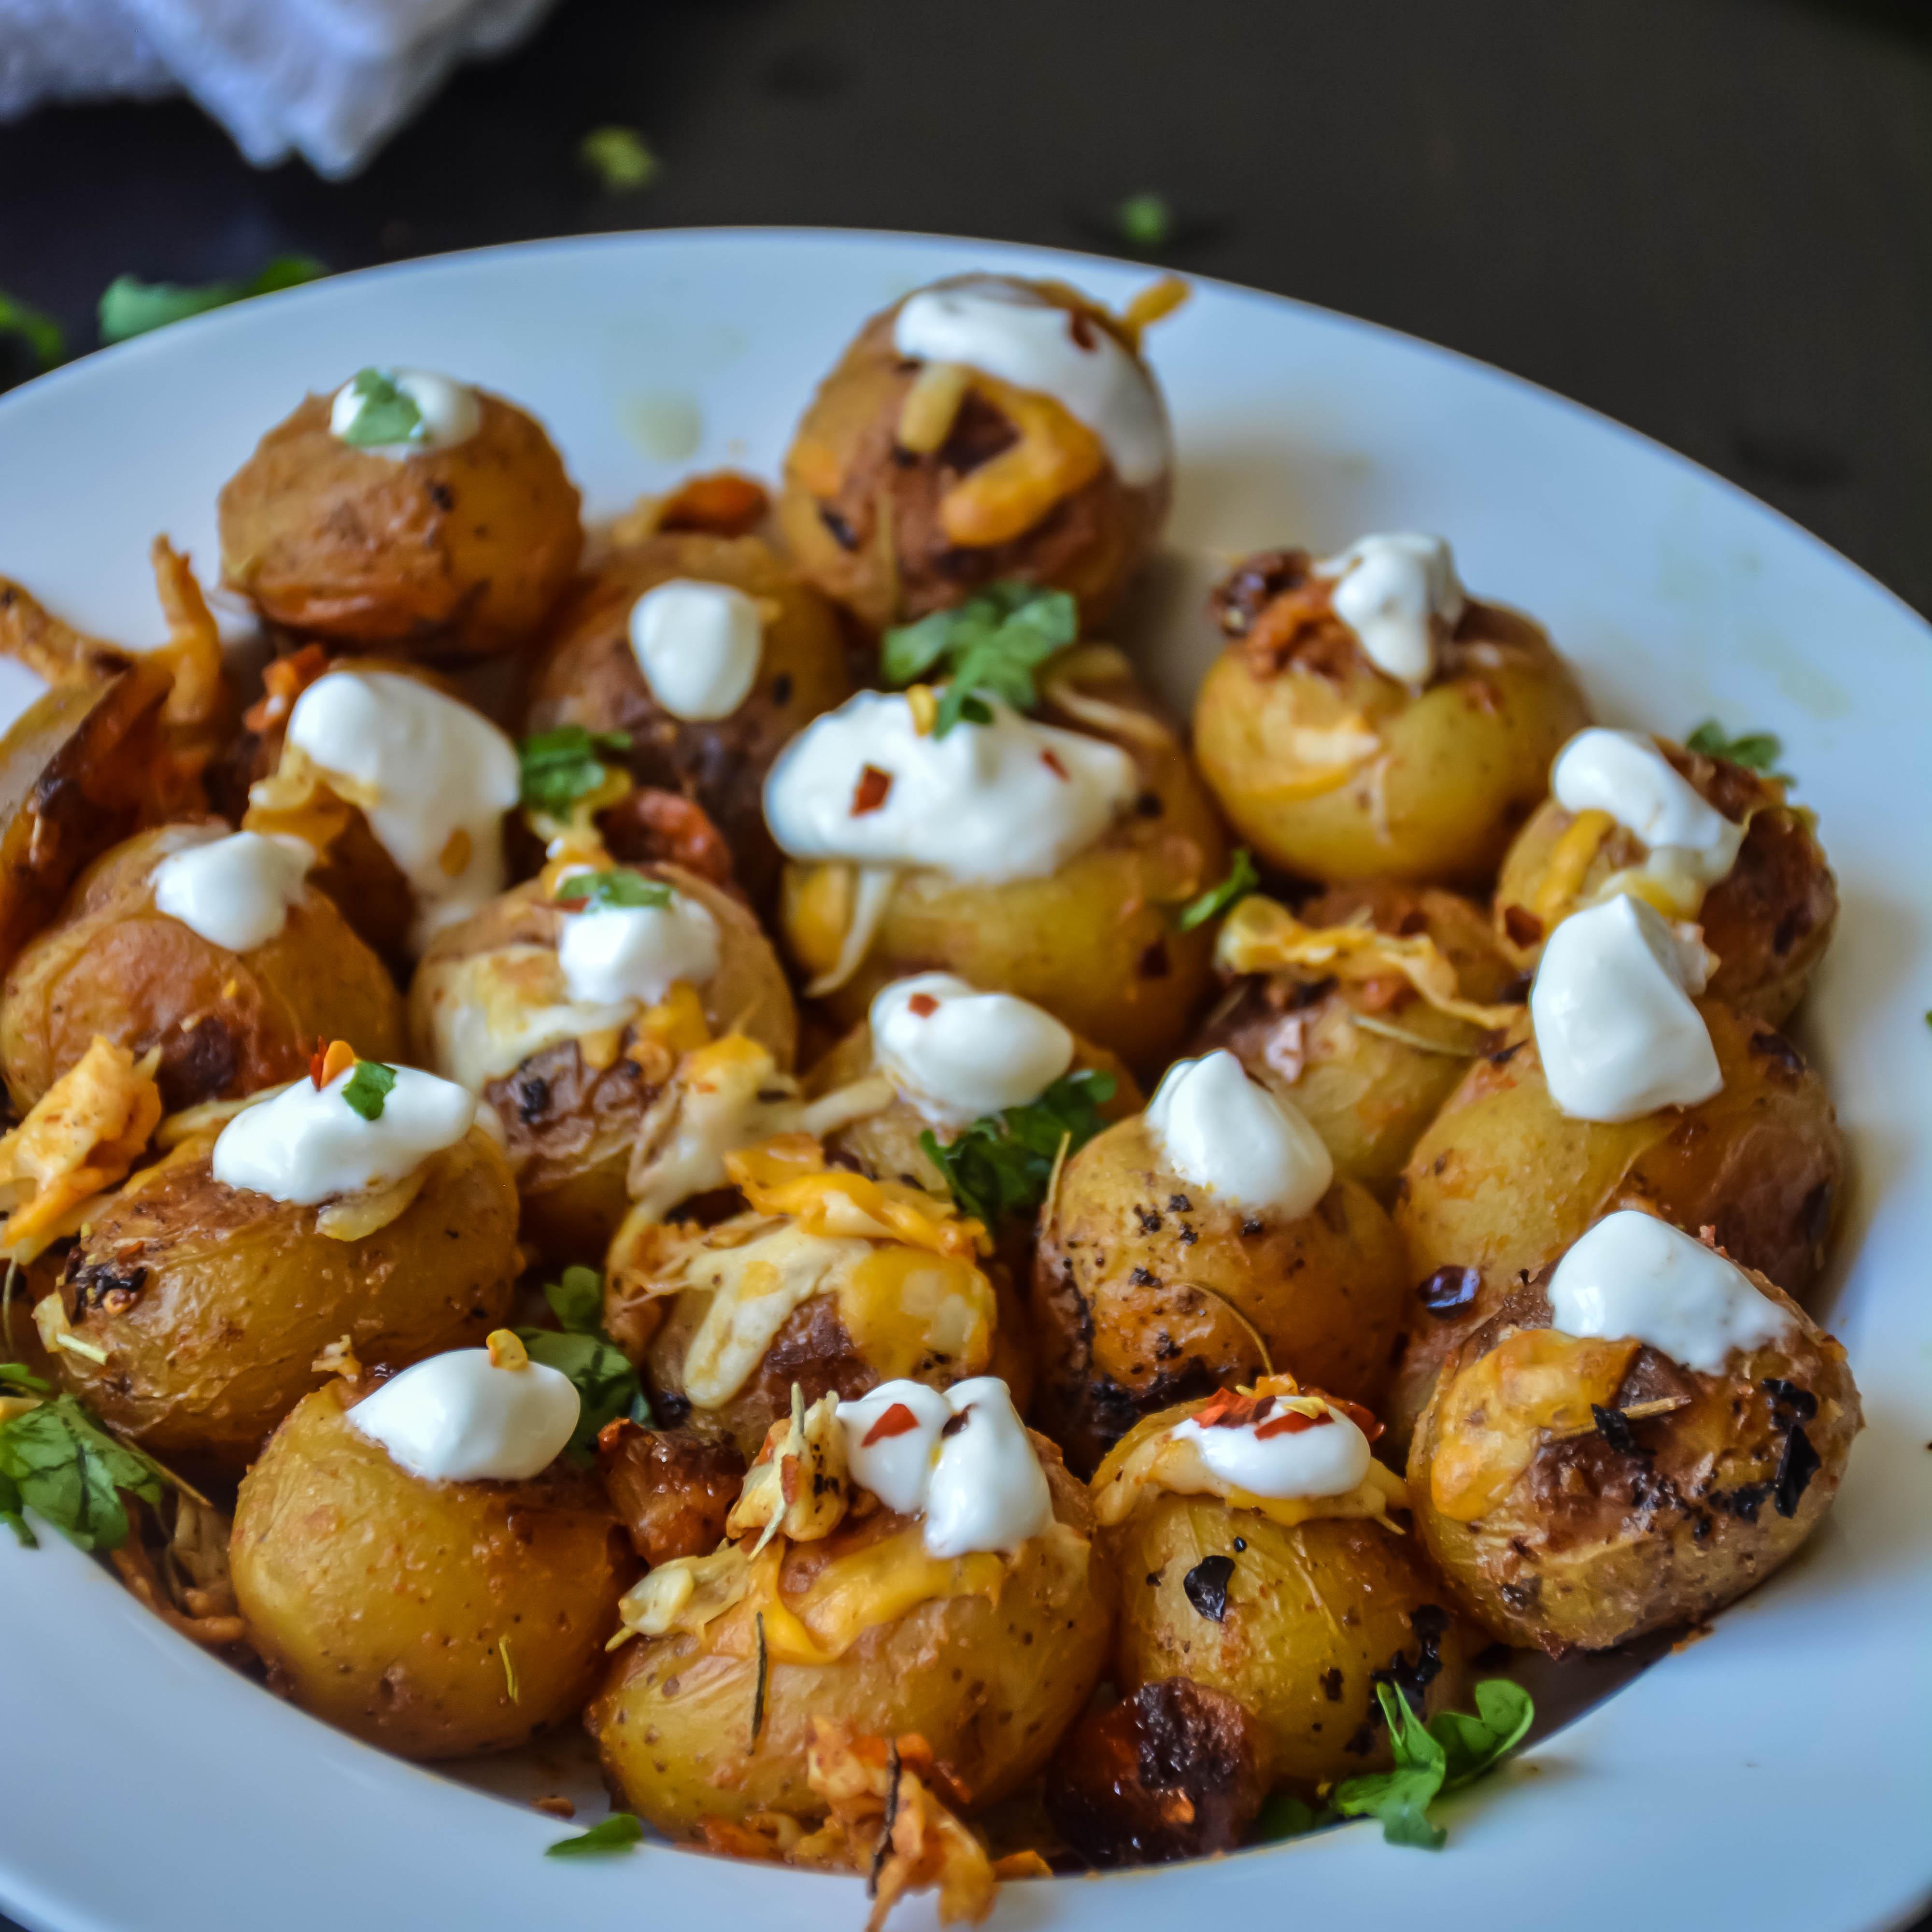 PotatoRoast-7